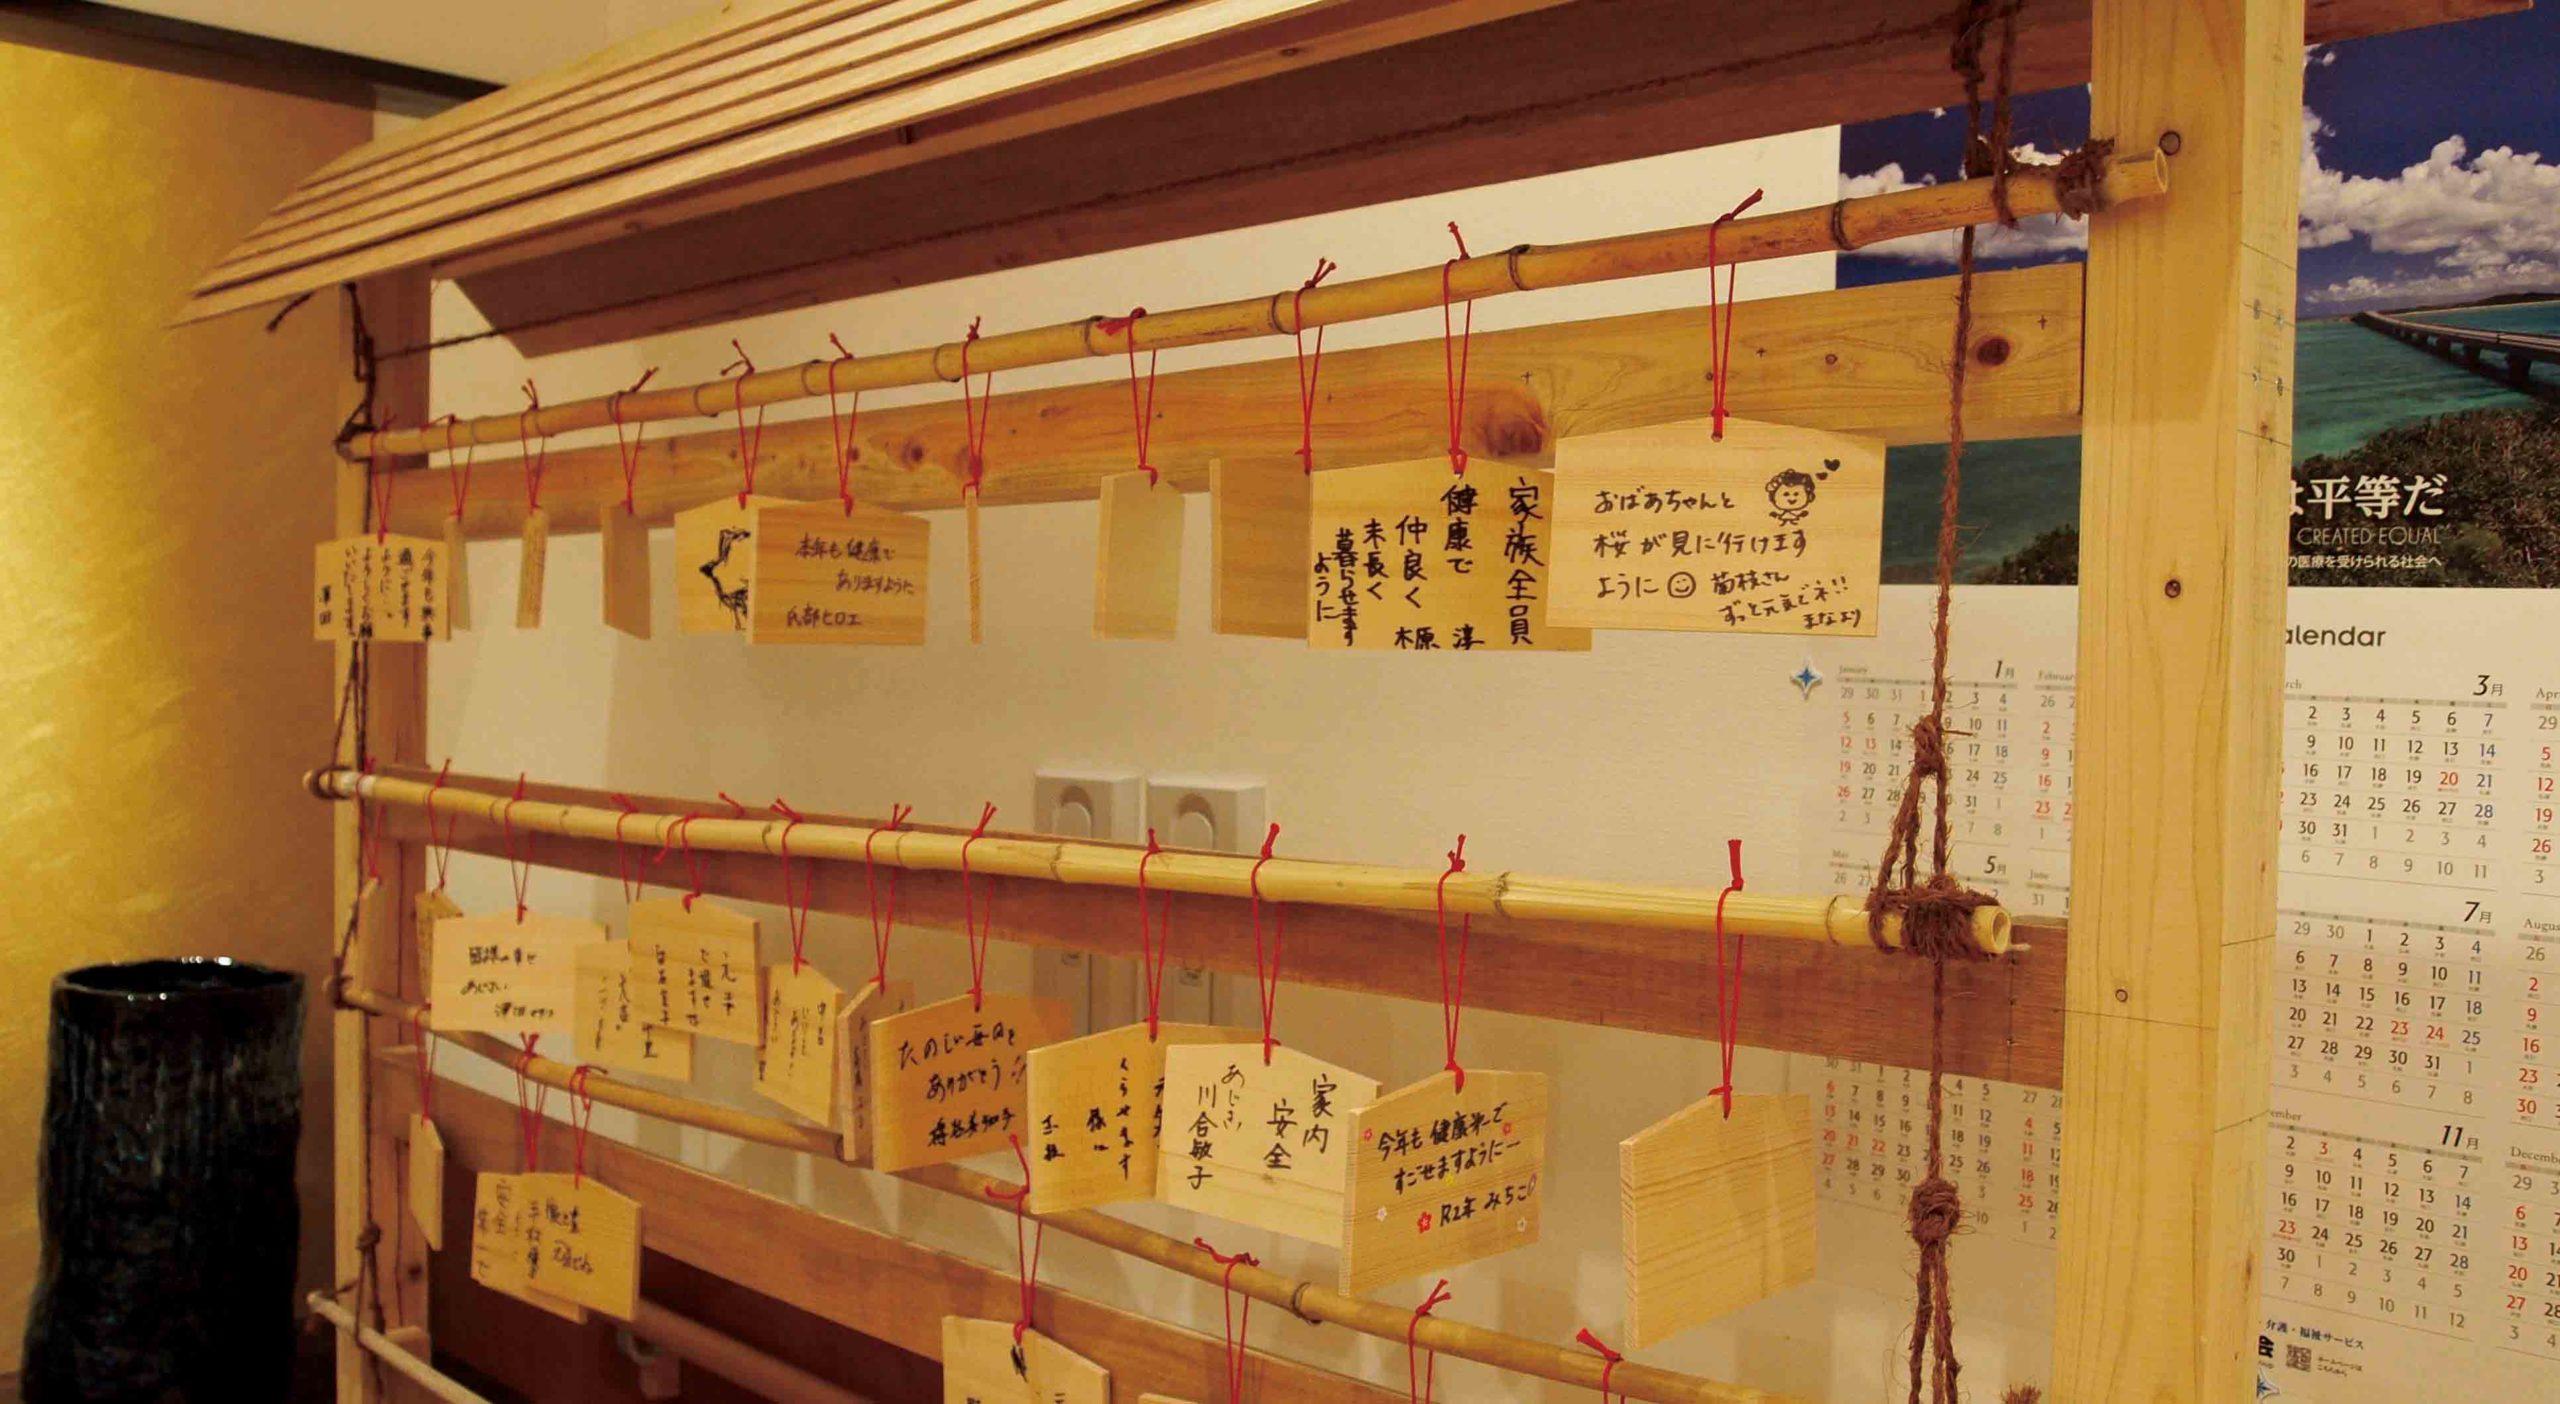 「施設内に神社や屋台? 特別養護老人ホーム「久宝寺愛の郷」の夢を叶えるプロジェクト」のアイキャッチ画像